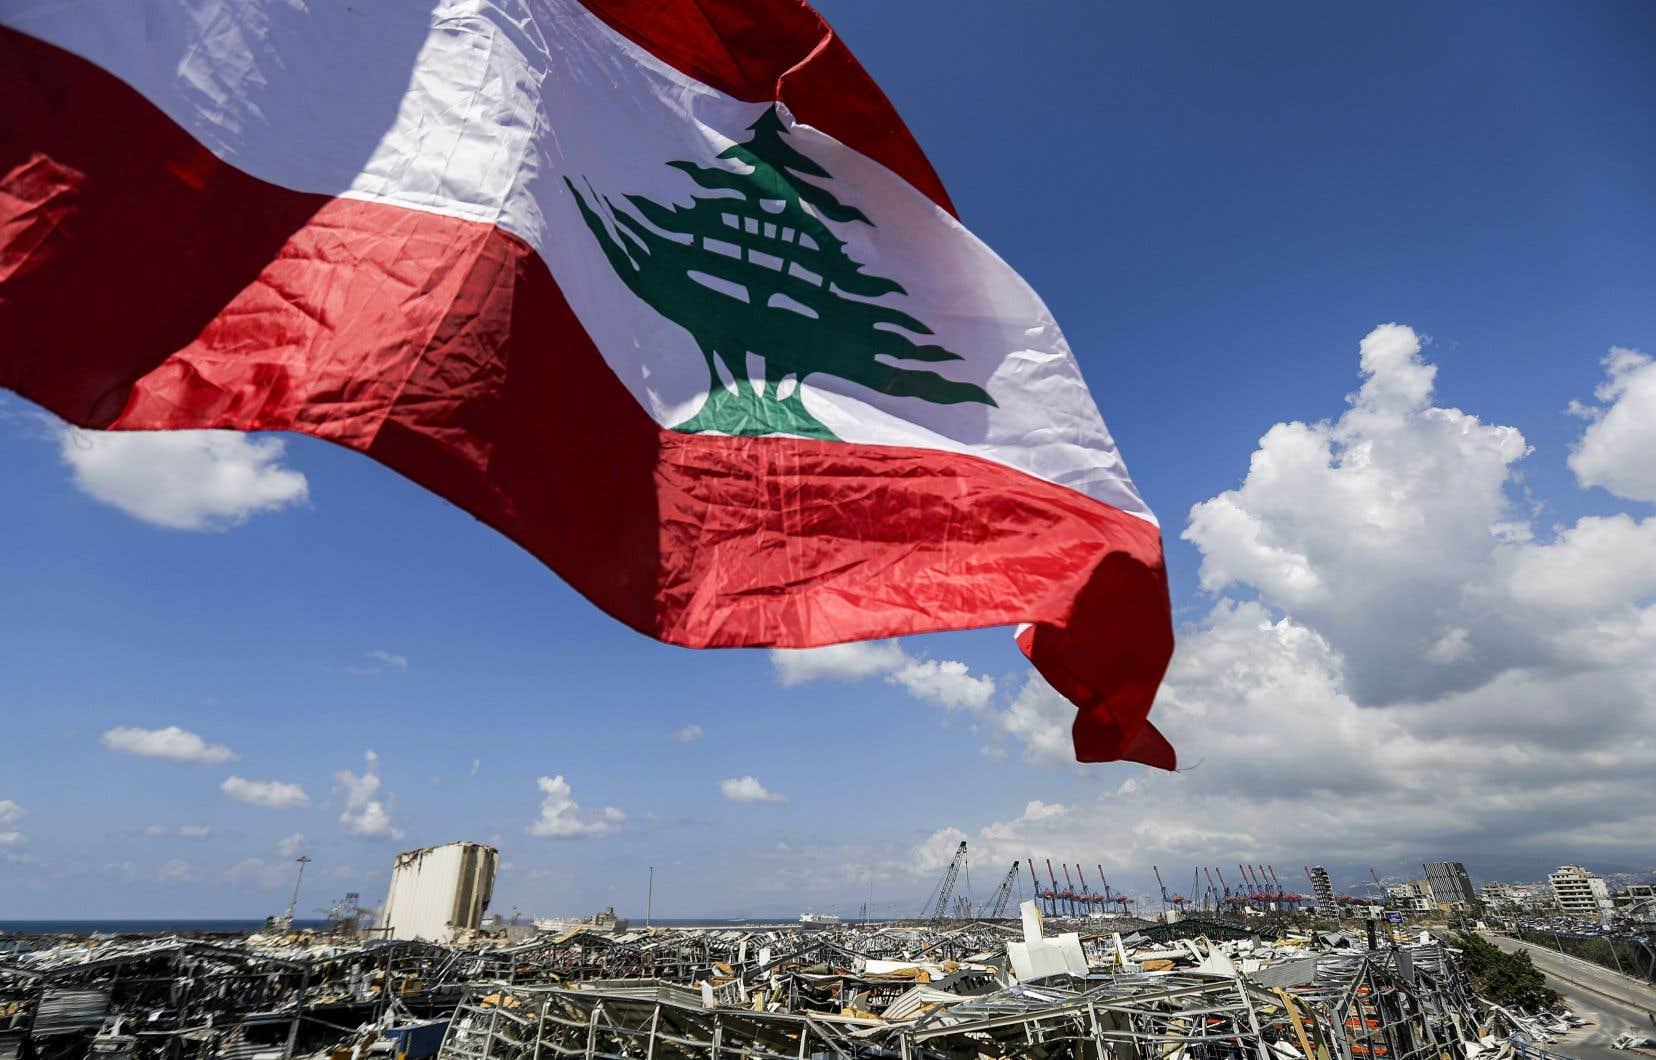 «Nous avons des liens historiques avec ce pays. Au-delà de la nécessaire aide humanitaire déjà prévue, le Canada pourrait offrir sa coopération pour assister le Liban», dit l'auteur.